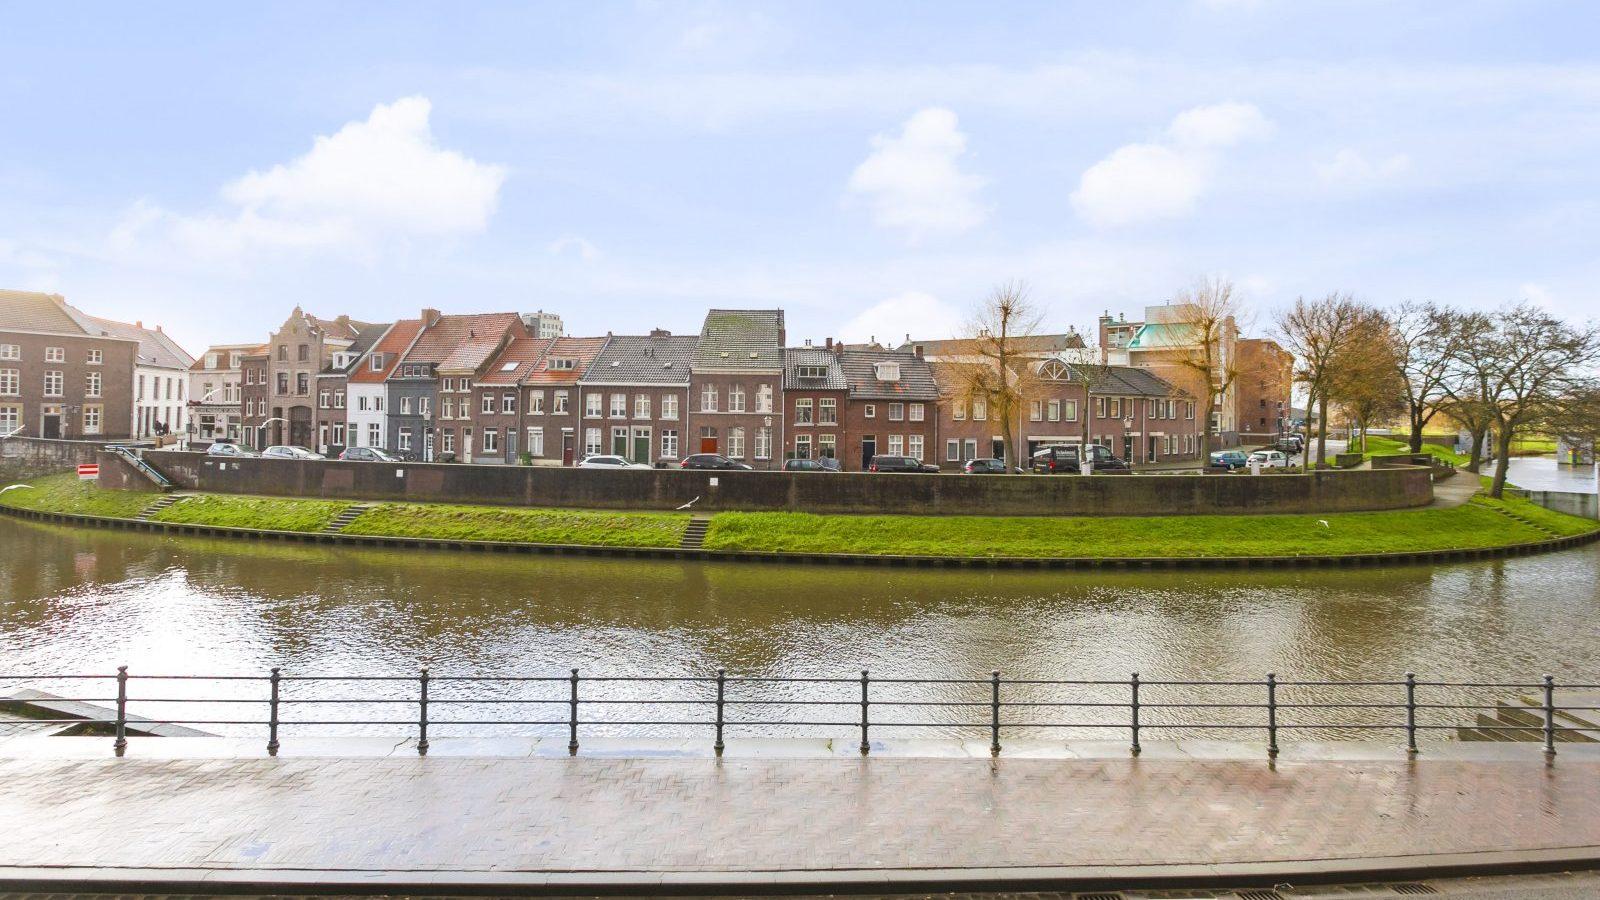 Vismarkt12Roermond-04-1600x1067